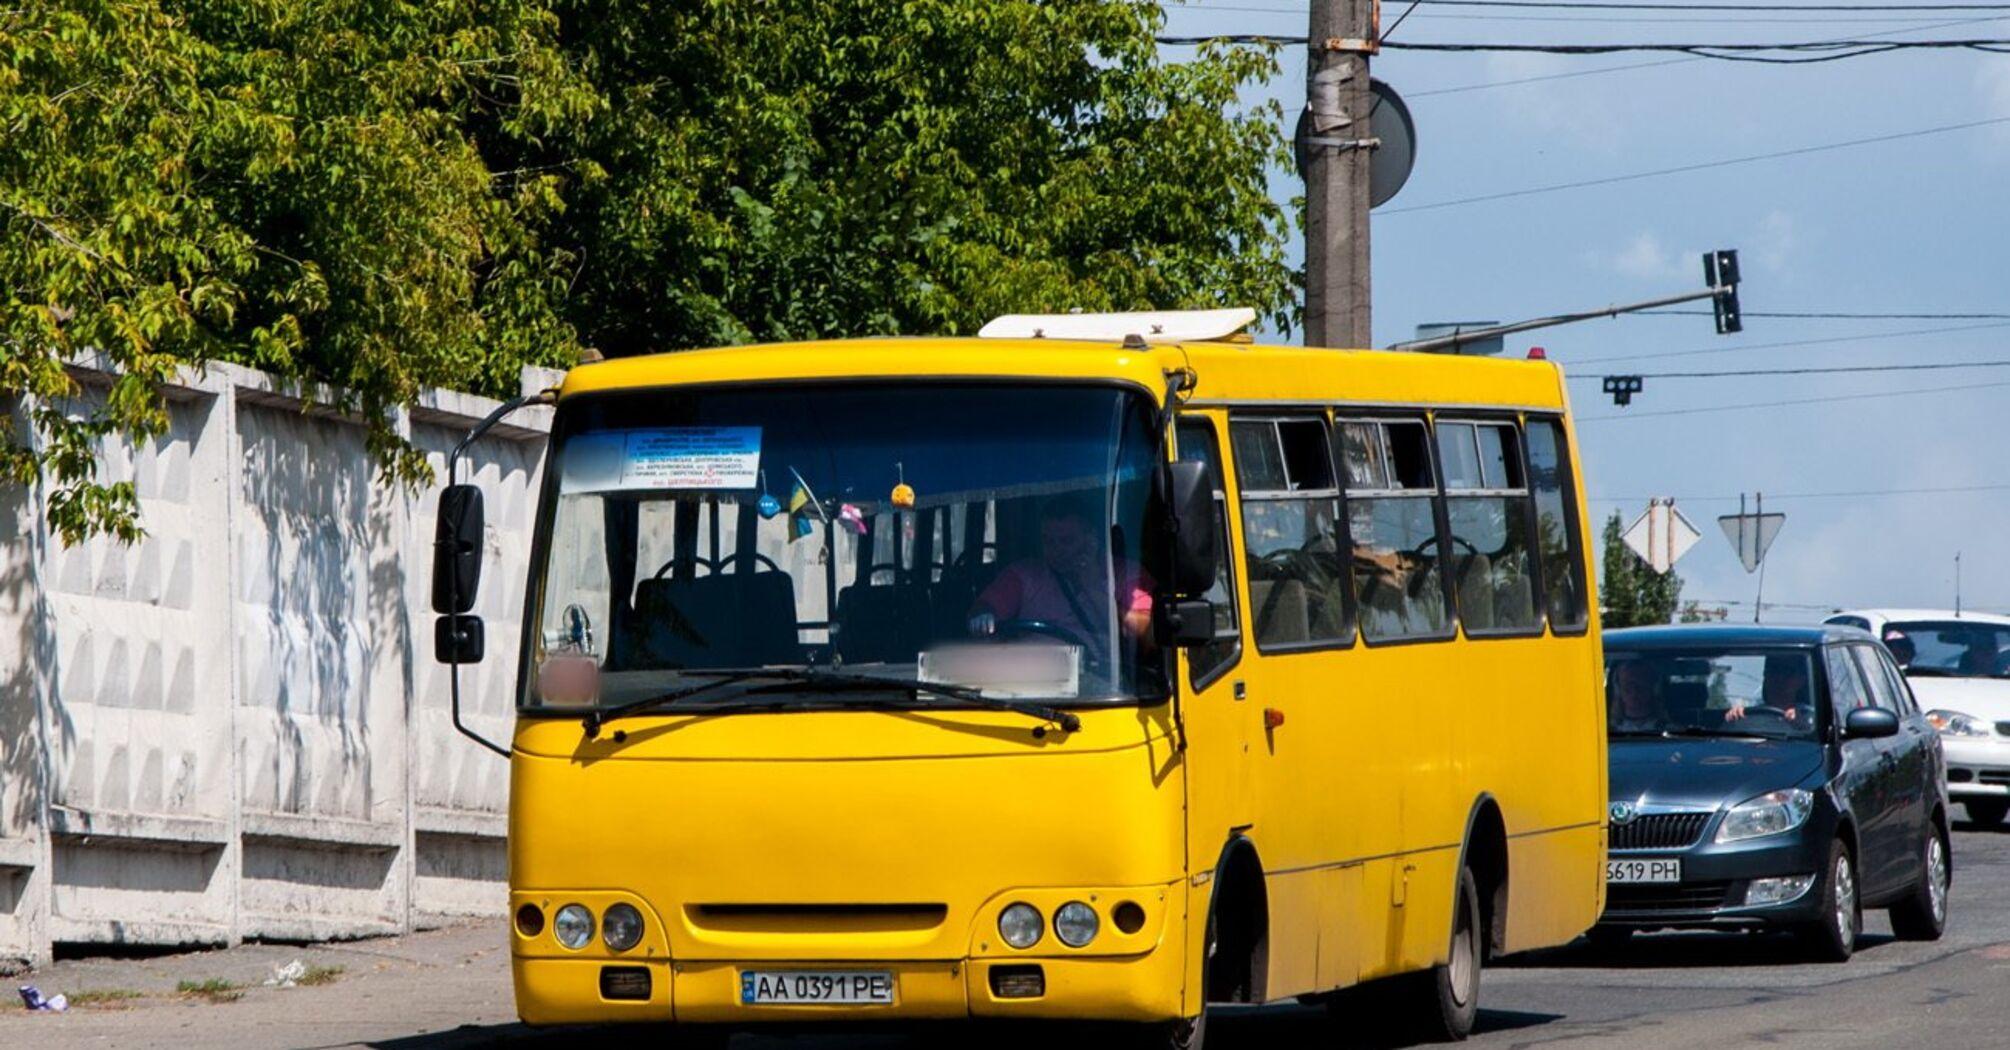 Київські маршрутки можуть зупинити роботу на цьому тижні